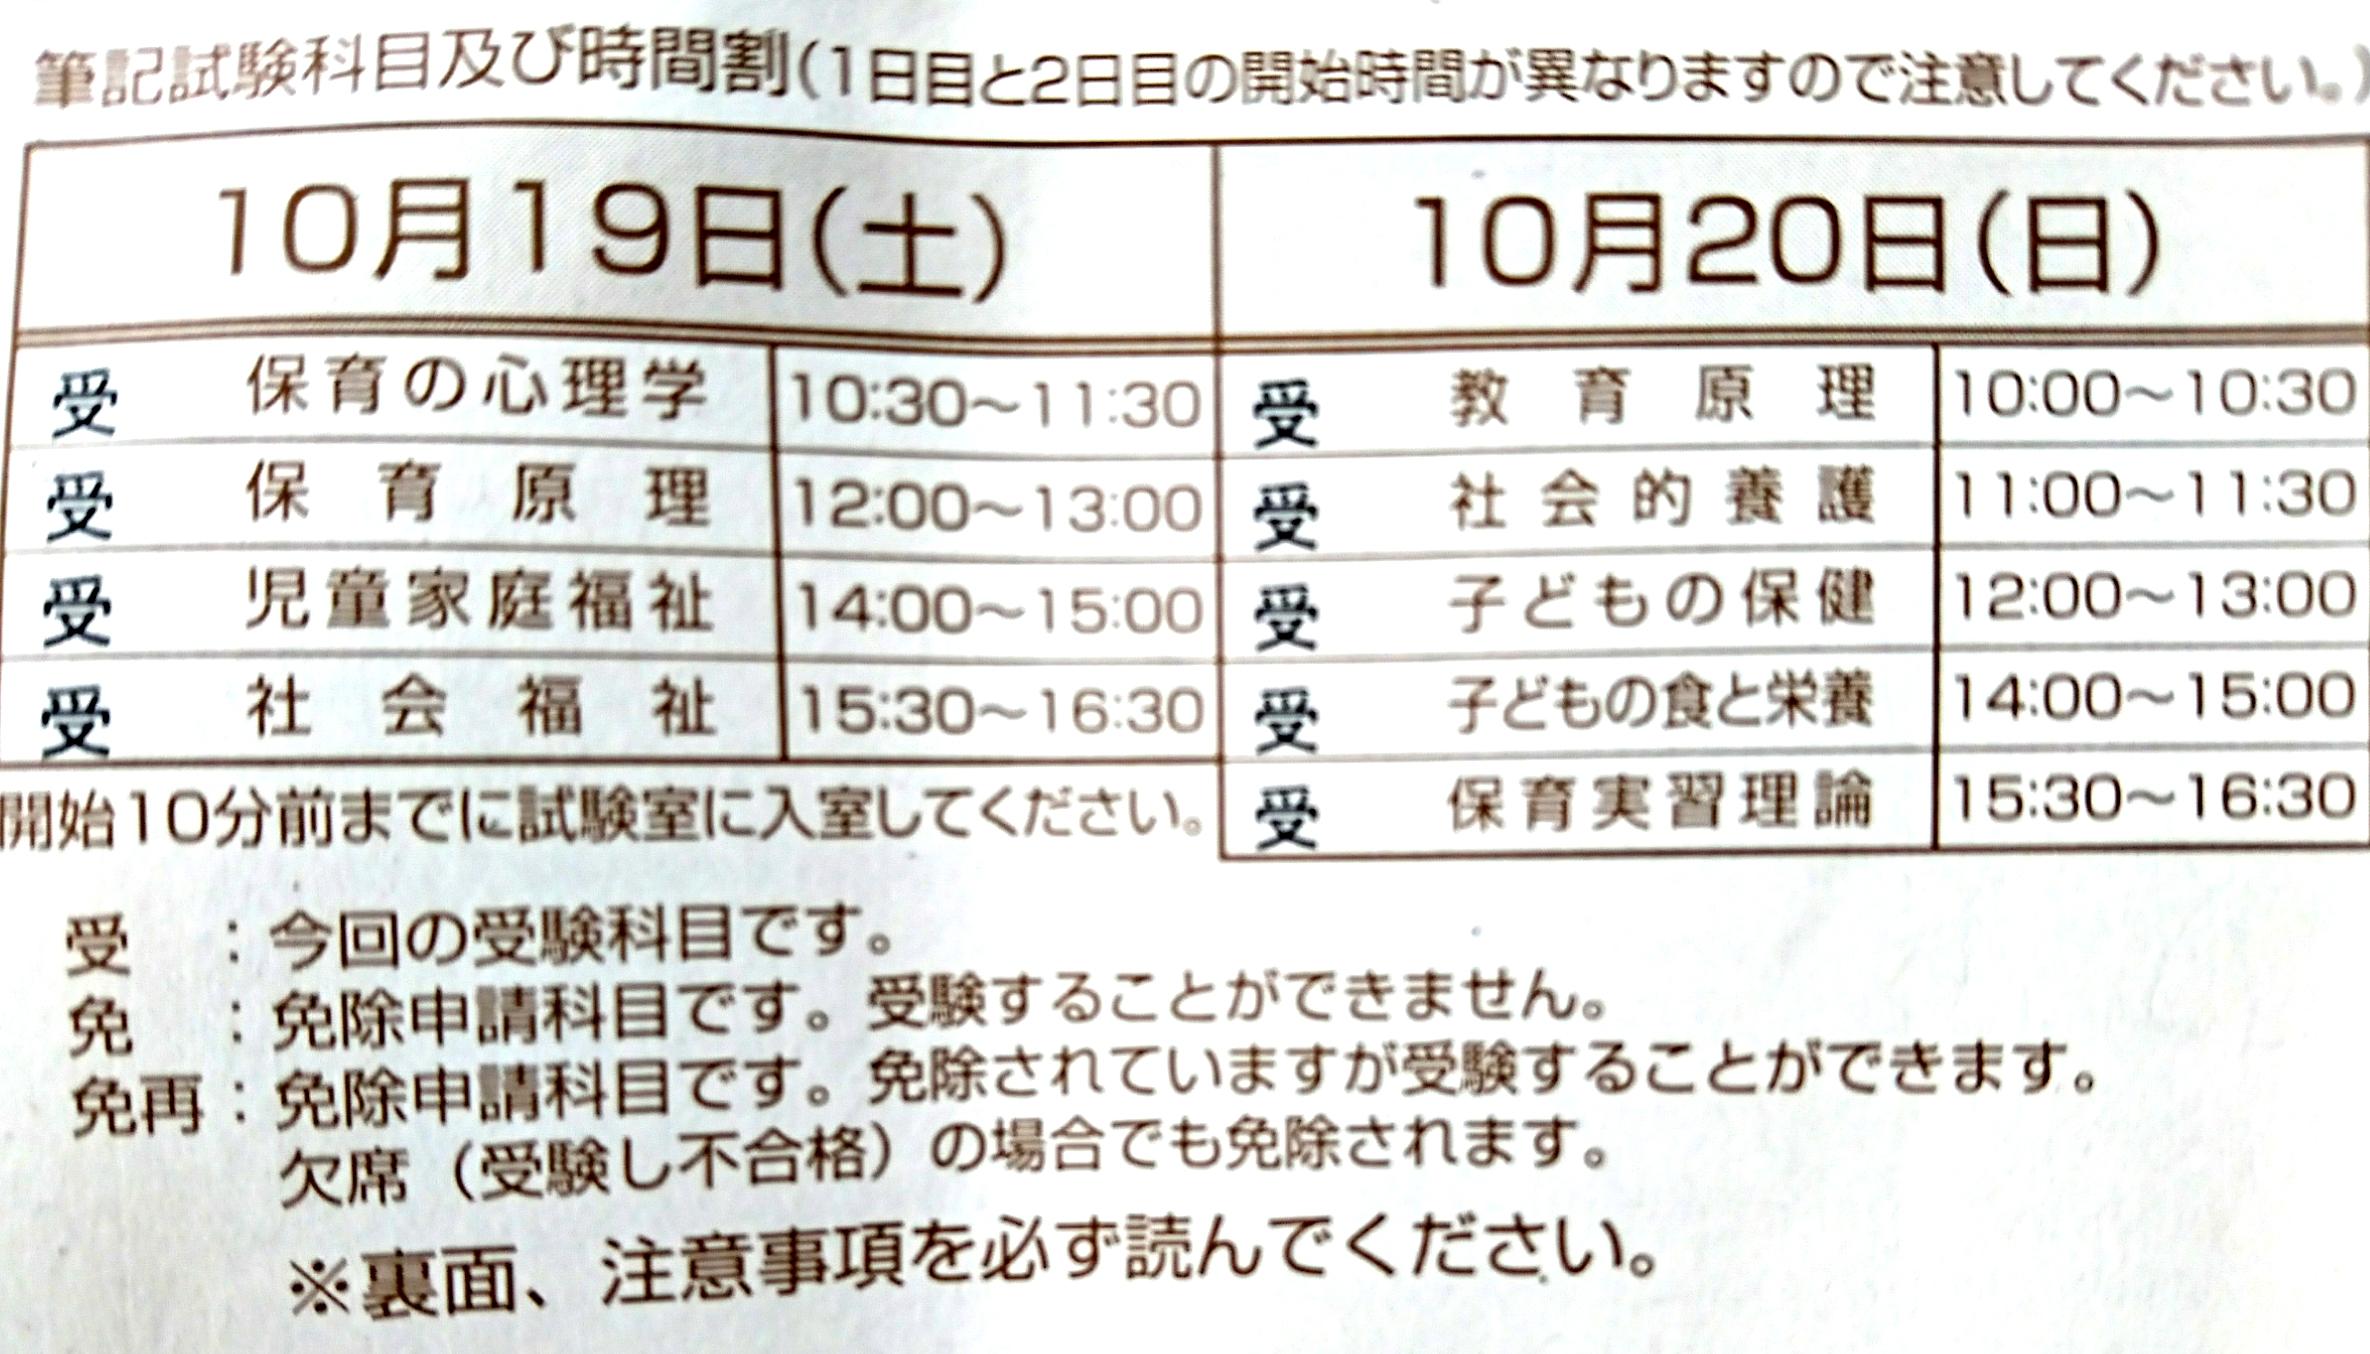 19-10-21-10-05-51-097_deco